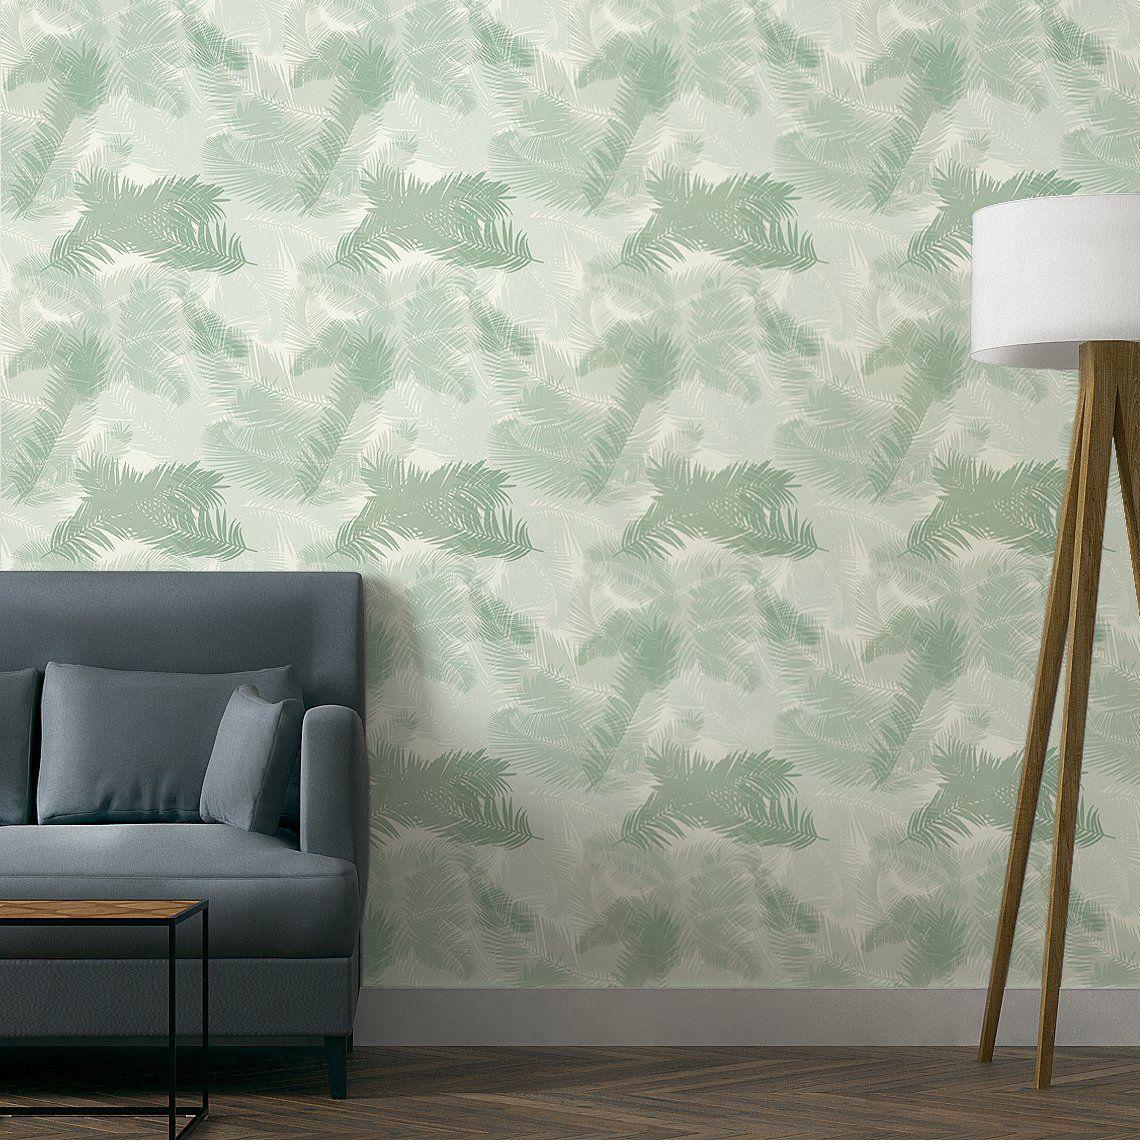 papier peint tropic vinyle sur intissé motif tropical, vert d'eau ... - Peut On Peindre Sur Du Papier Peint Vinyl